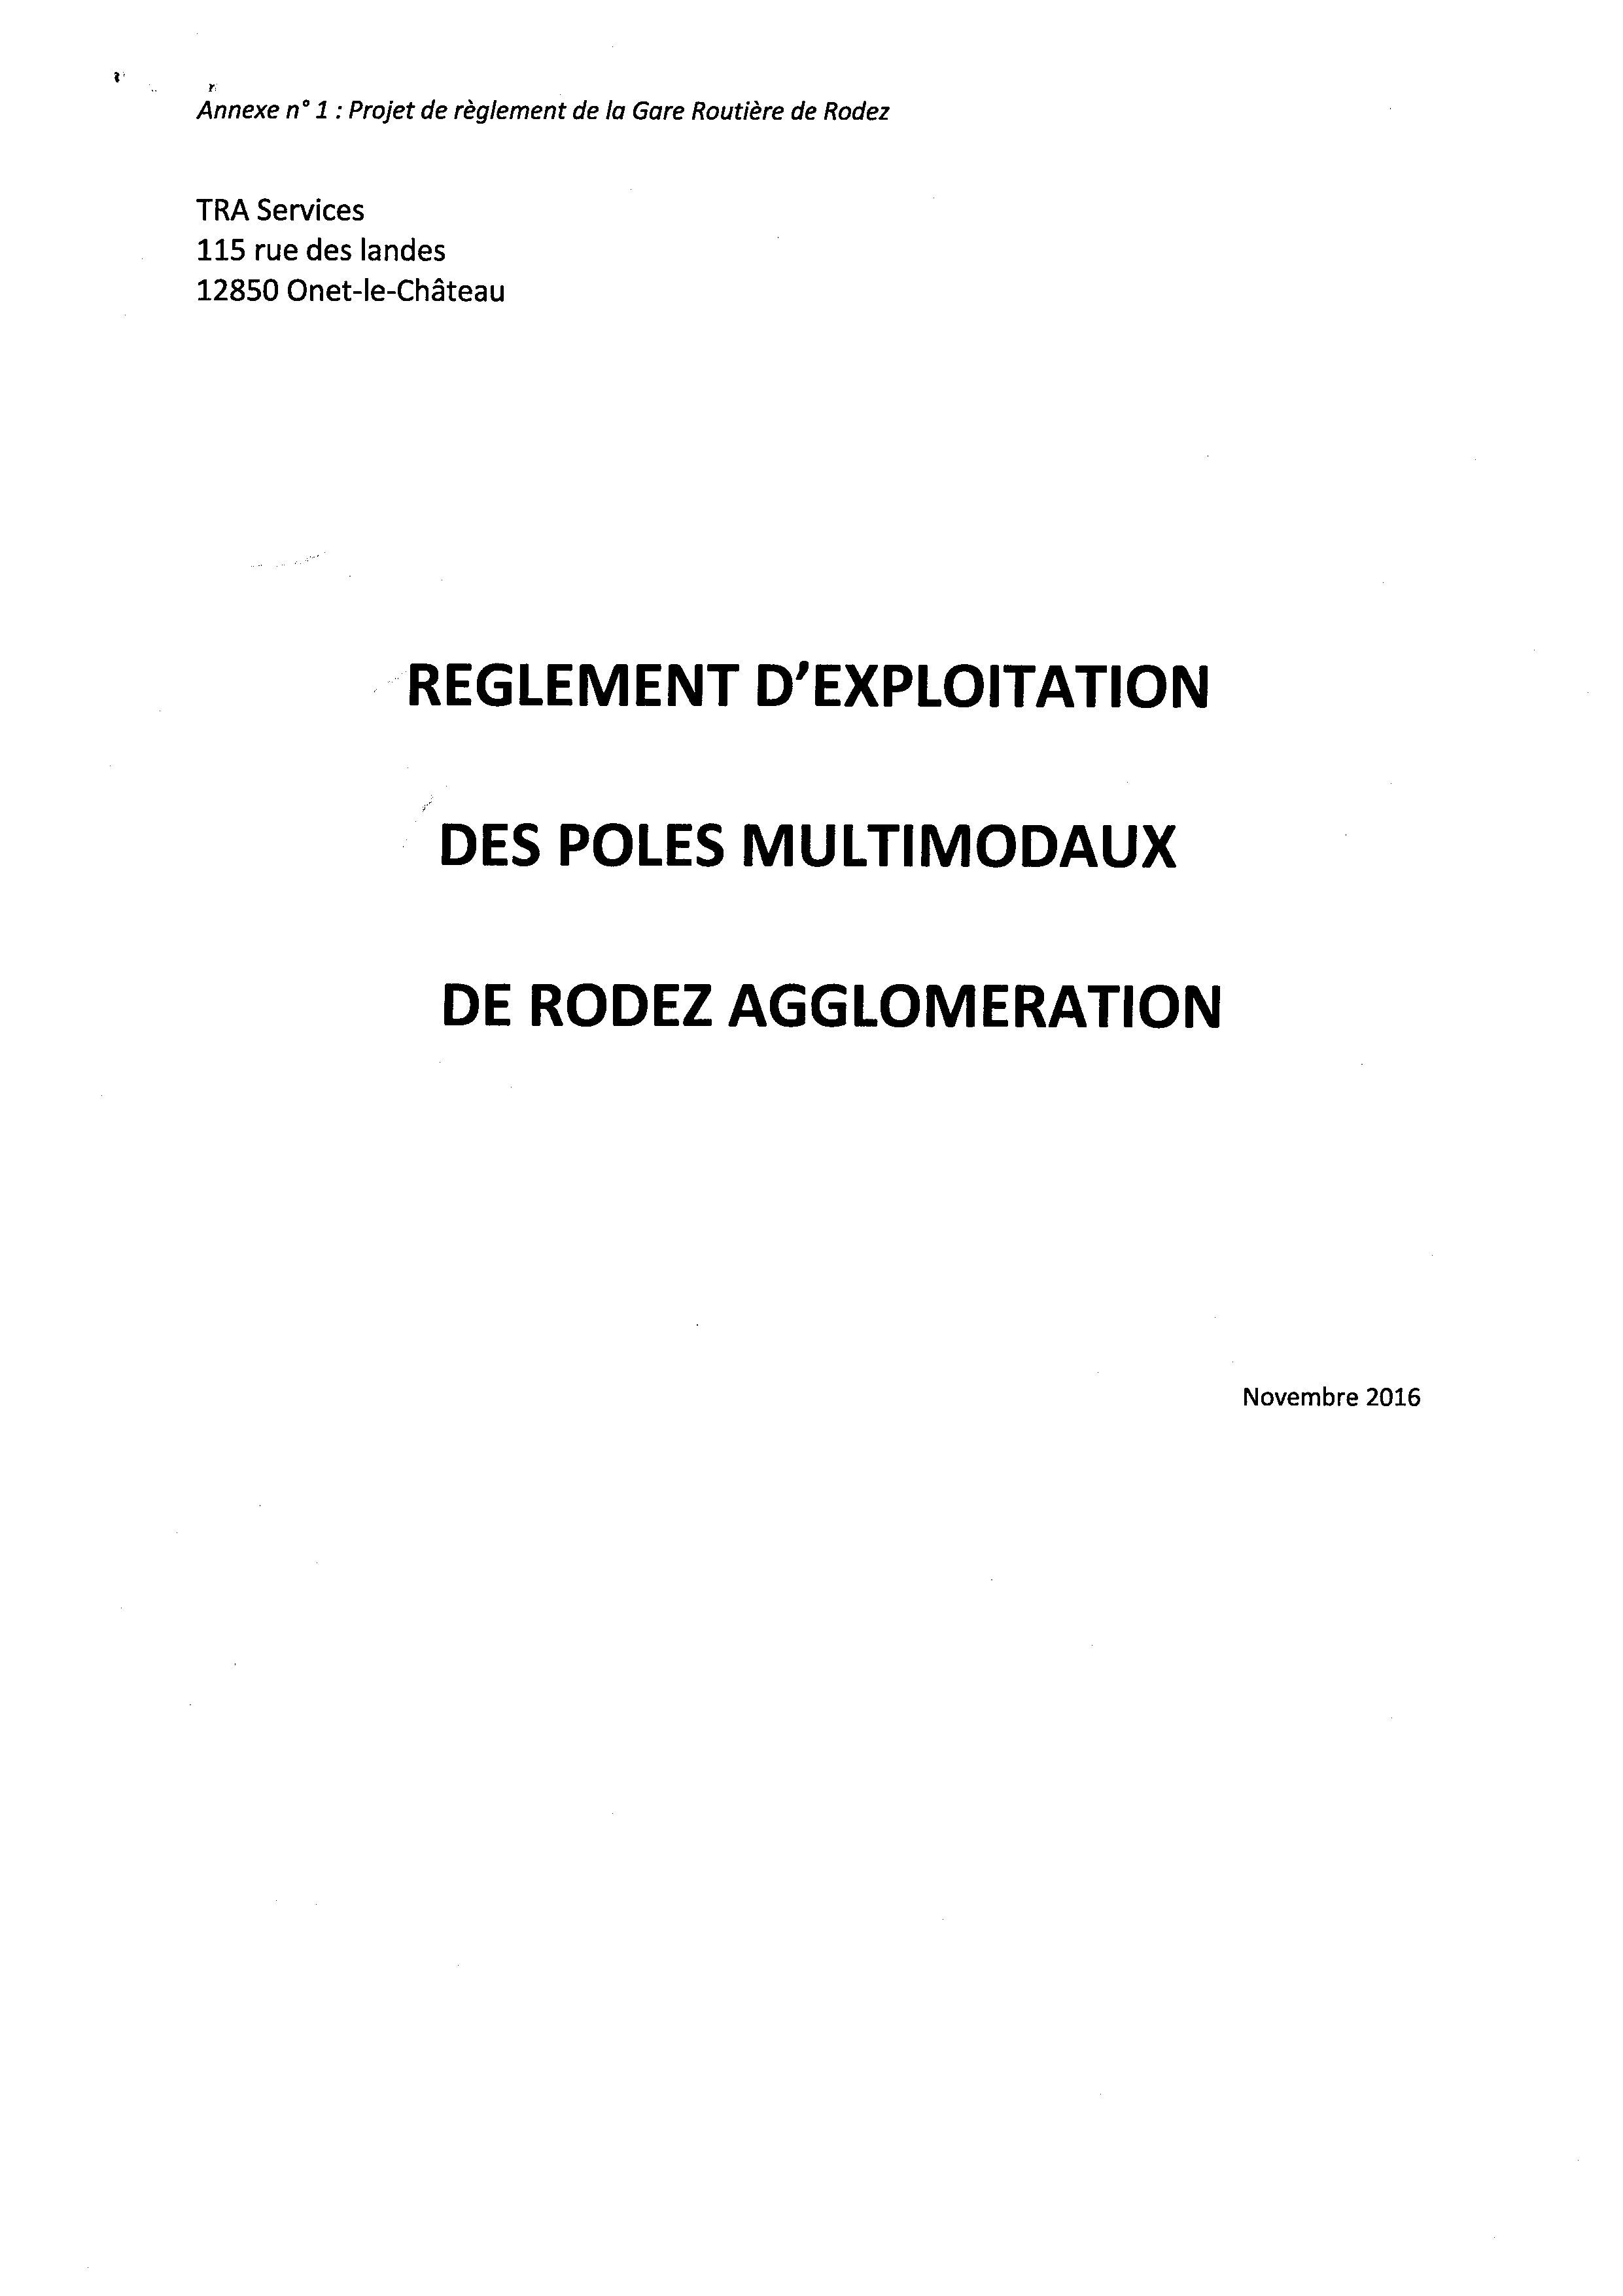 réglement-exploitation-GR-Rodez-p1